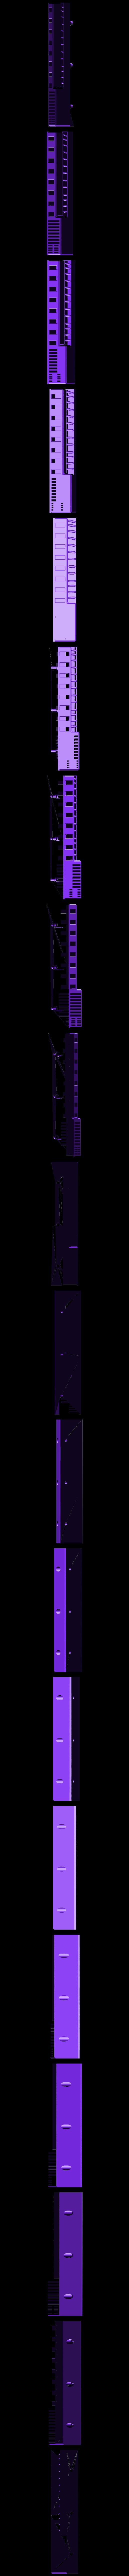 Flash_Media_caddy_wall_mount-supports.stl Télécharger fichier STL gratuit Support de carte USB et SD (version simple + version murale) • Design à imprimer en 3D, DaEpicOne